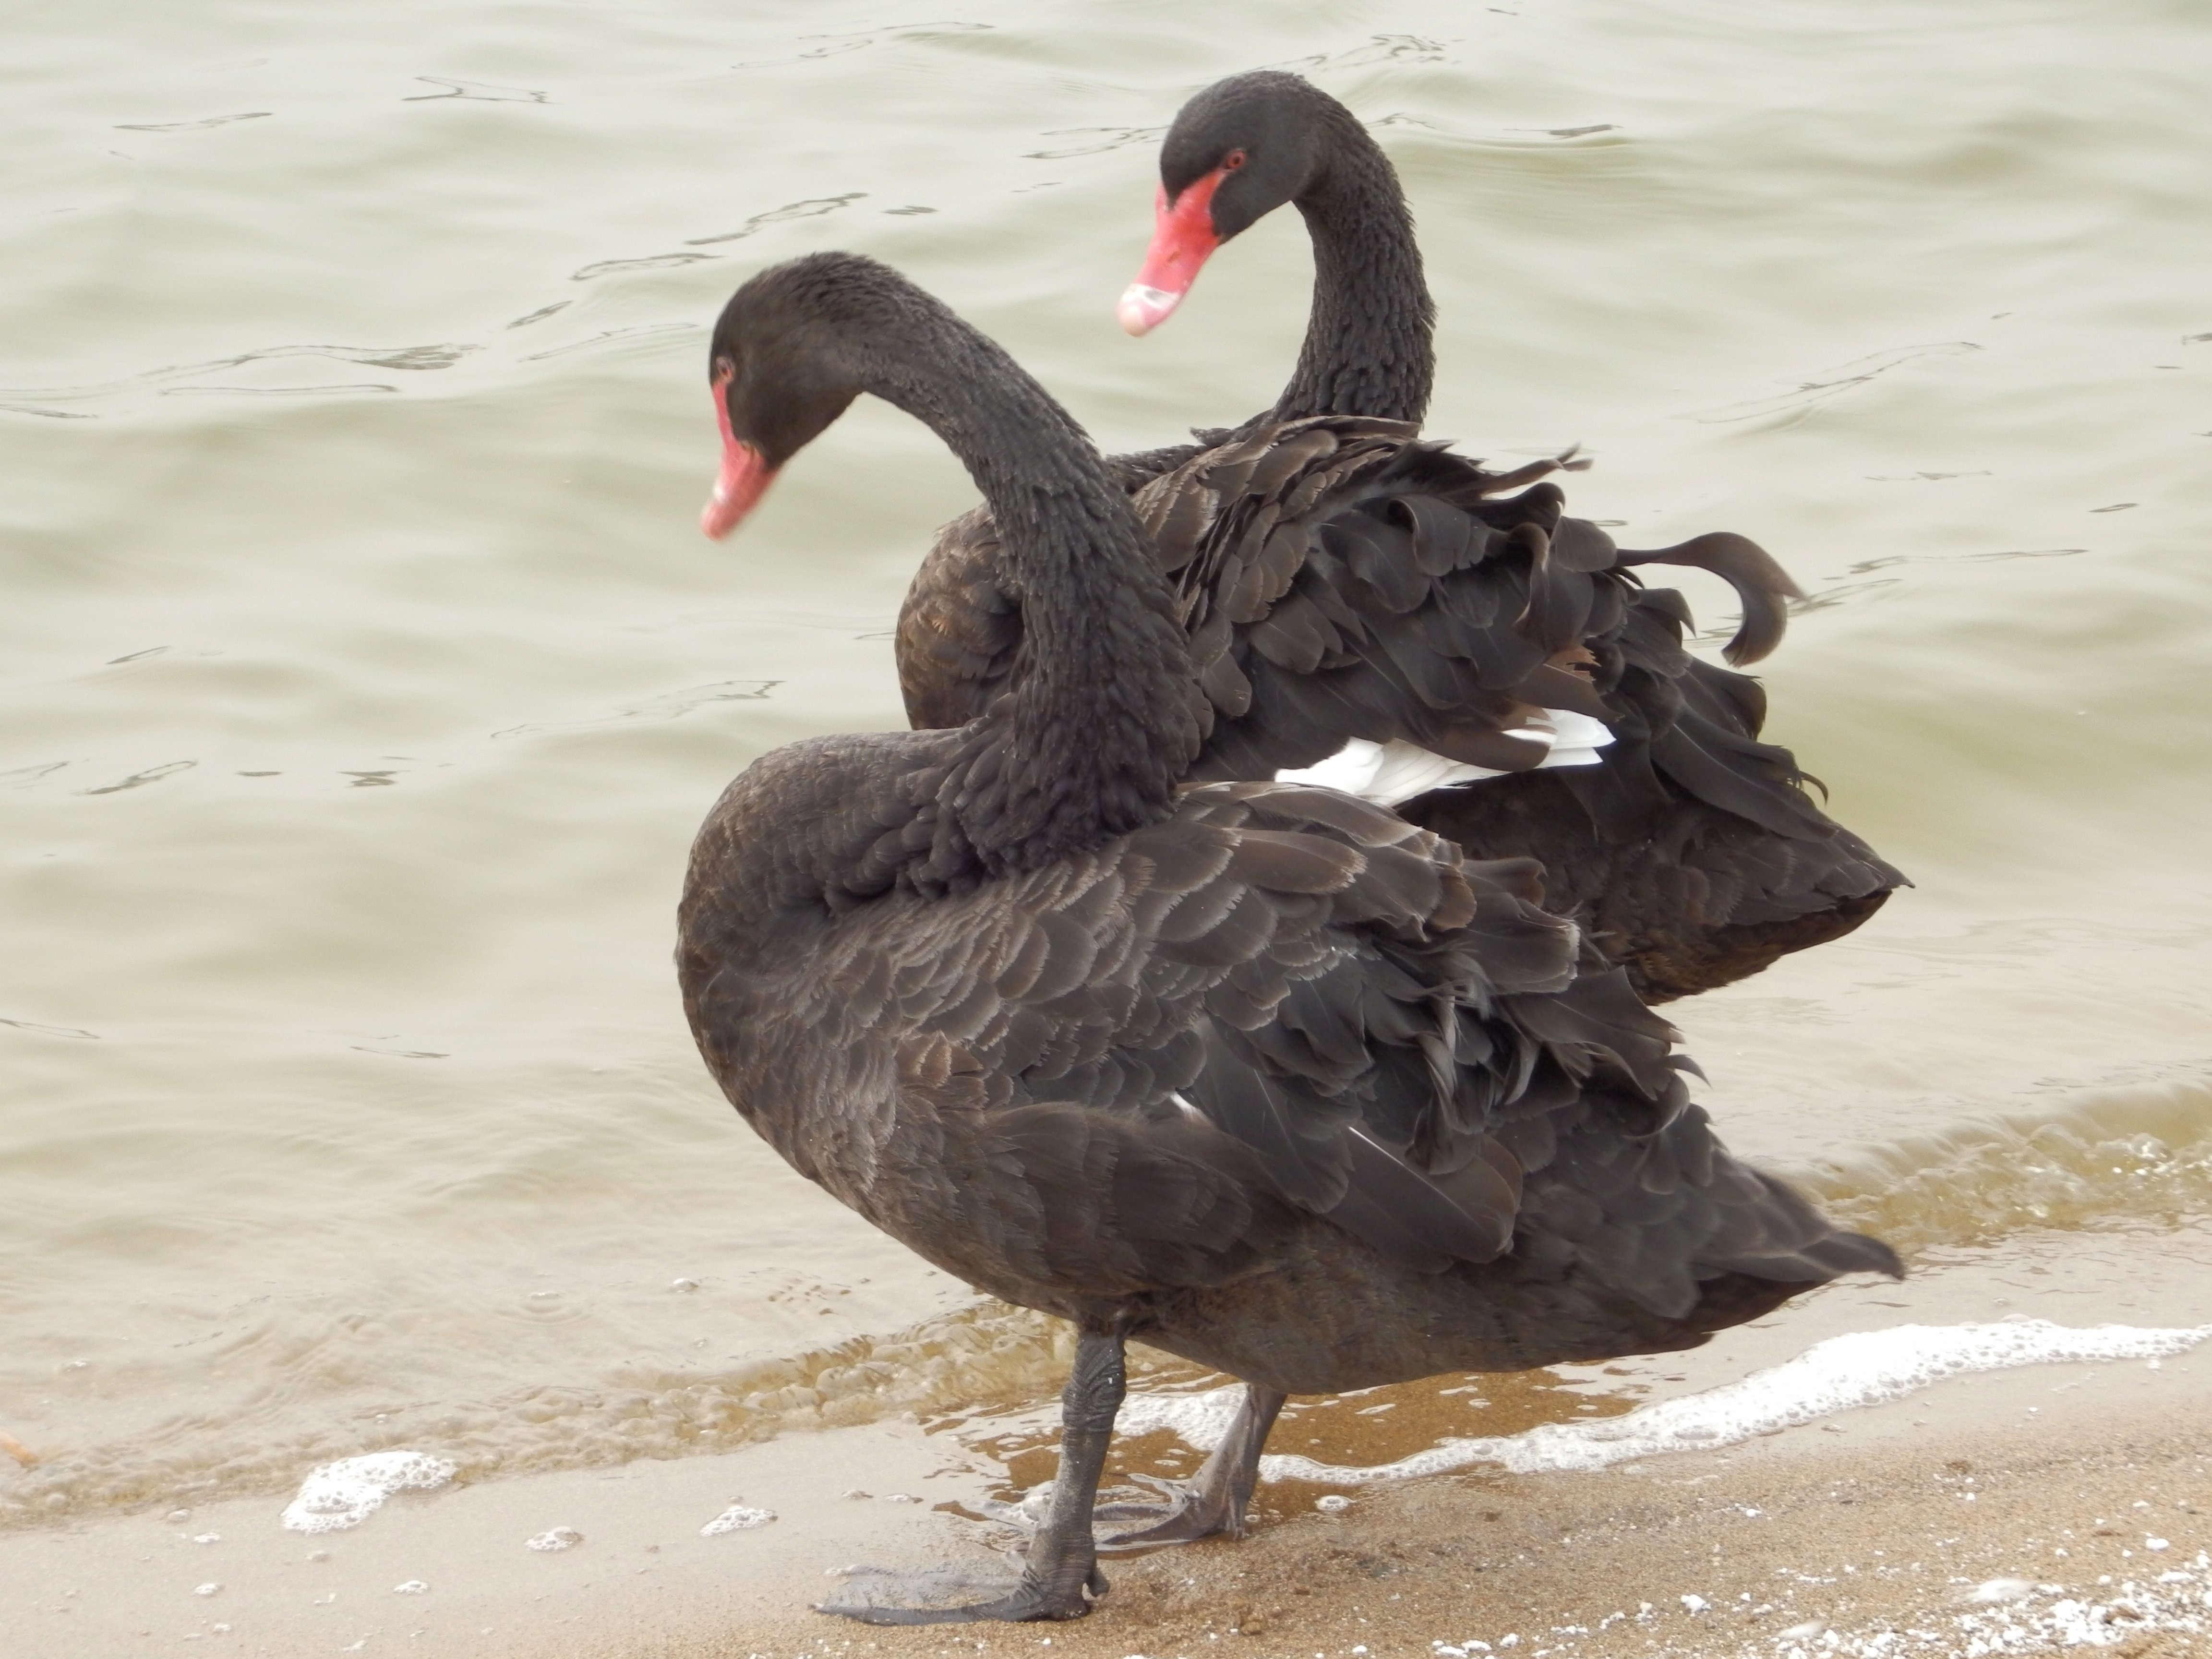 【黑天鹅养殖】韶关黑天鹅养殖_景区黑天鹅出售_洪金顺养殖场